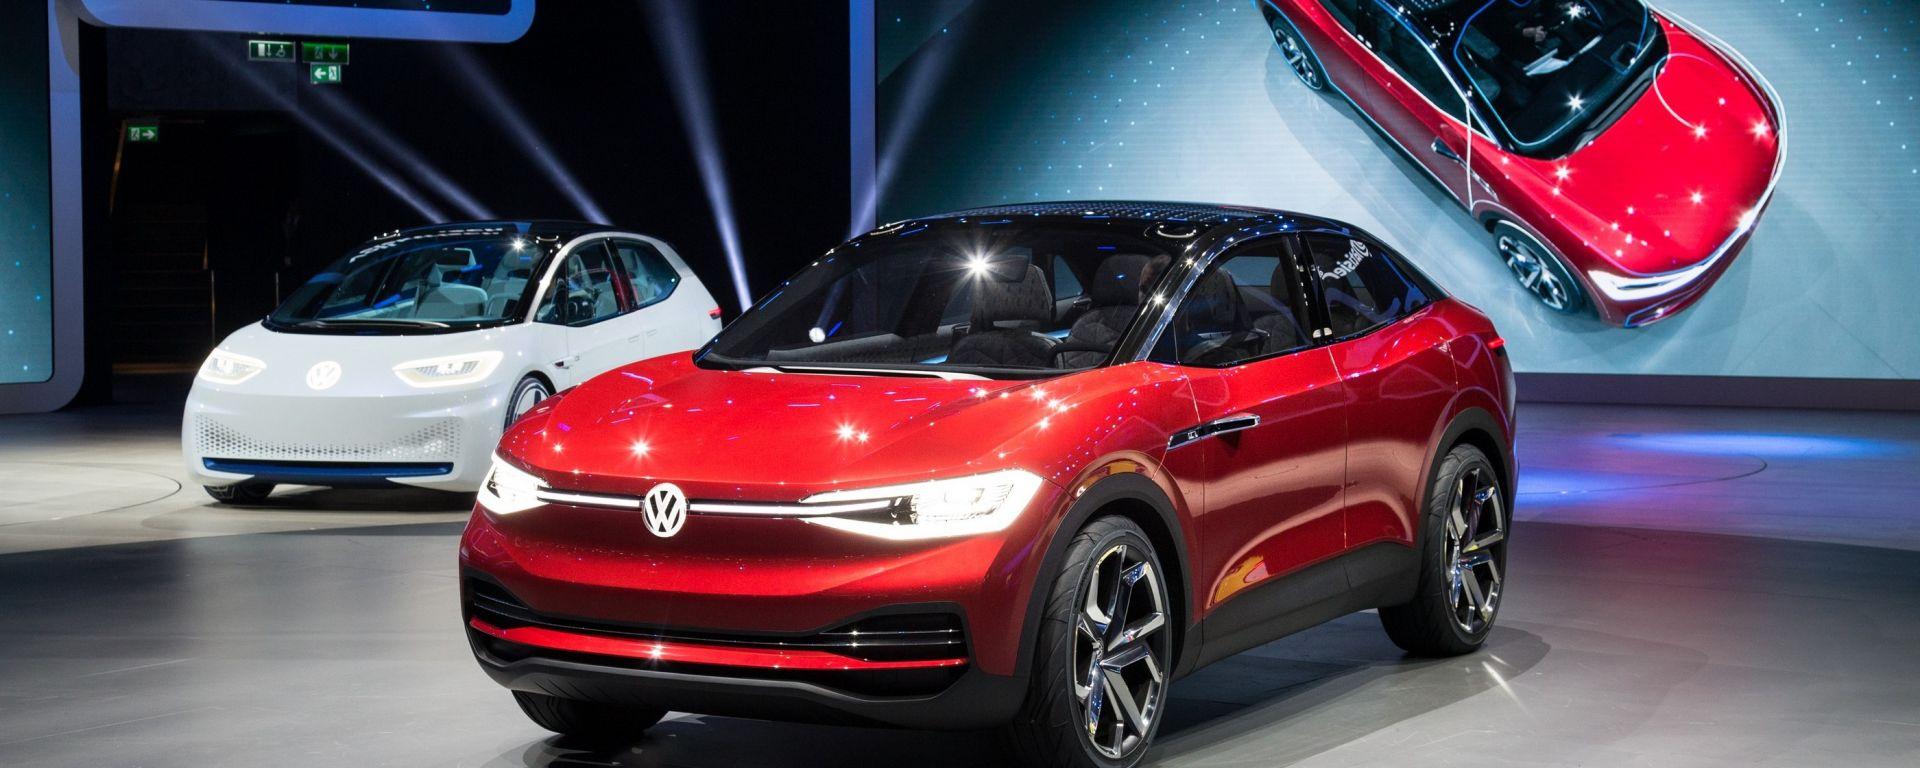 Volkswagen ID Crozz, Salone dell'auto di Francoforte 2017